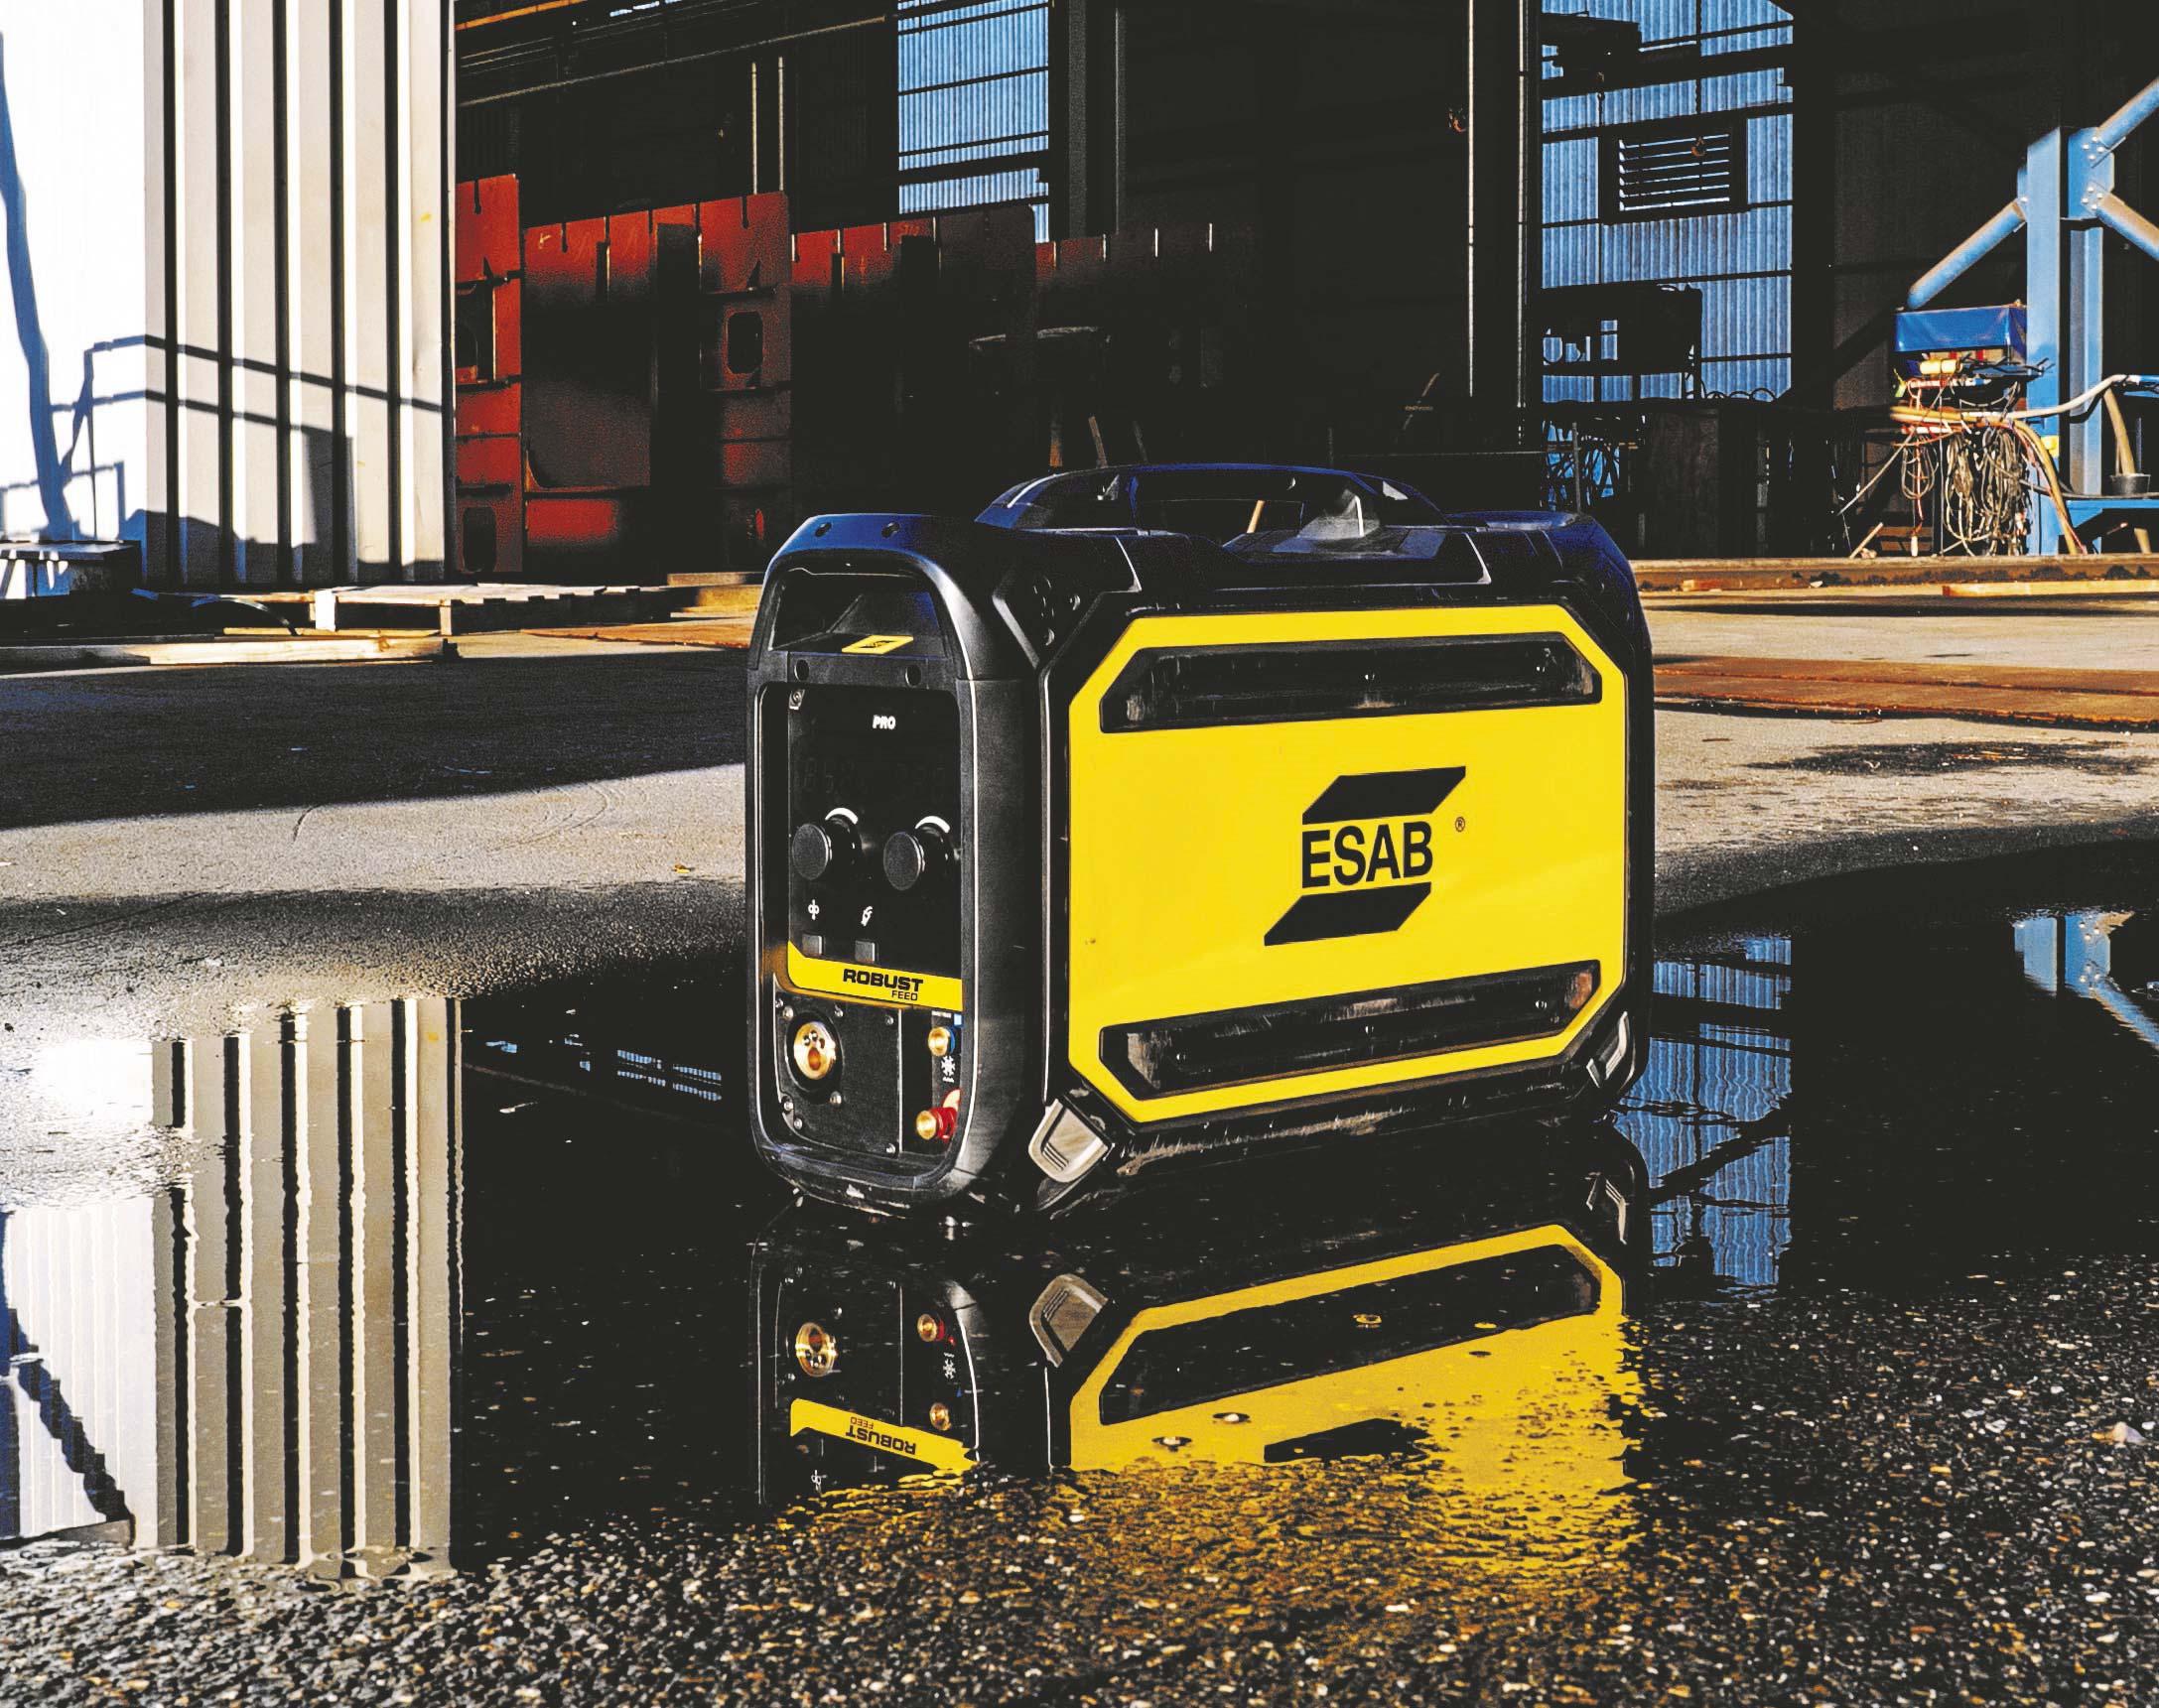 Esab tuo markkinoille ensimmäisen kannettavan erityiskestävän ip44-suojatun langansyöttölaitteen